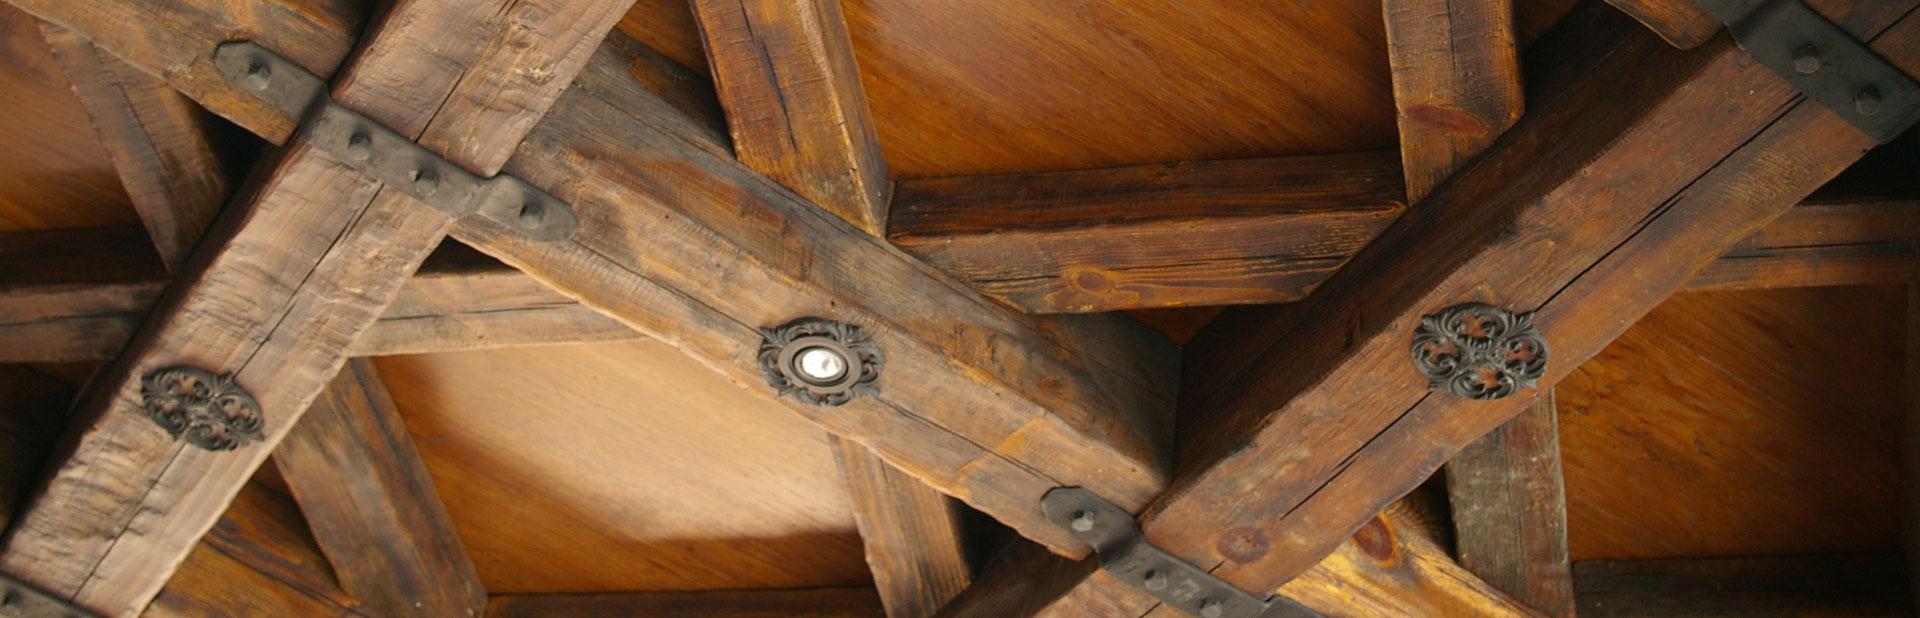 wood ceiling rustic